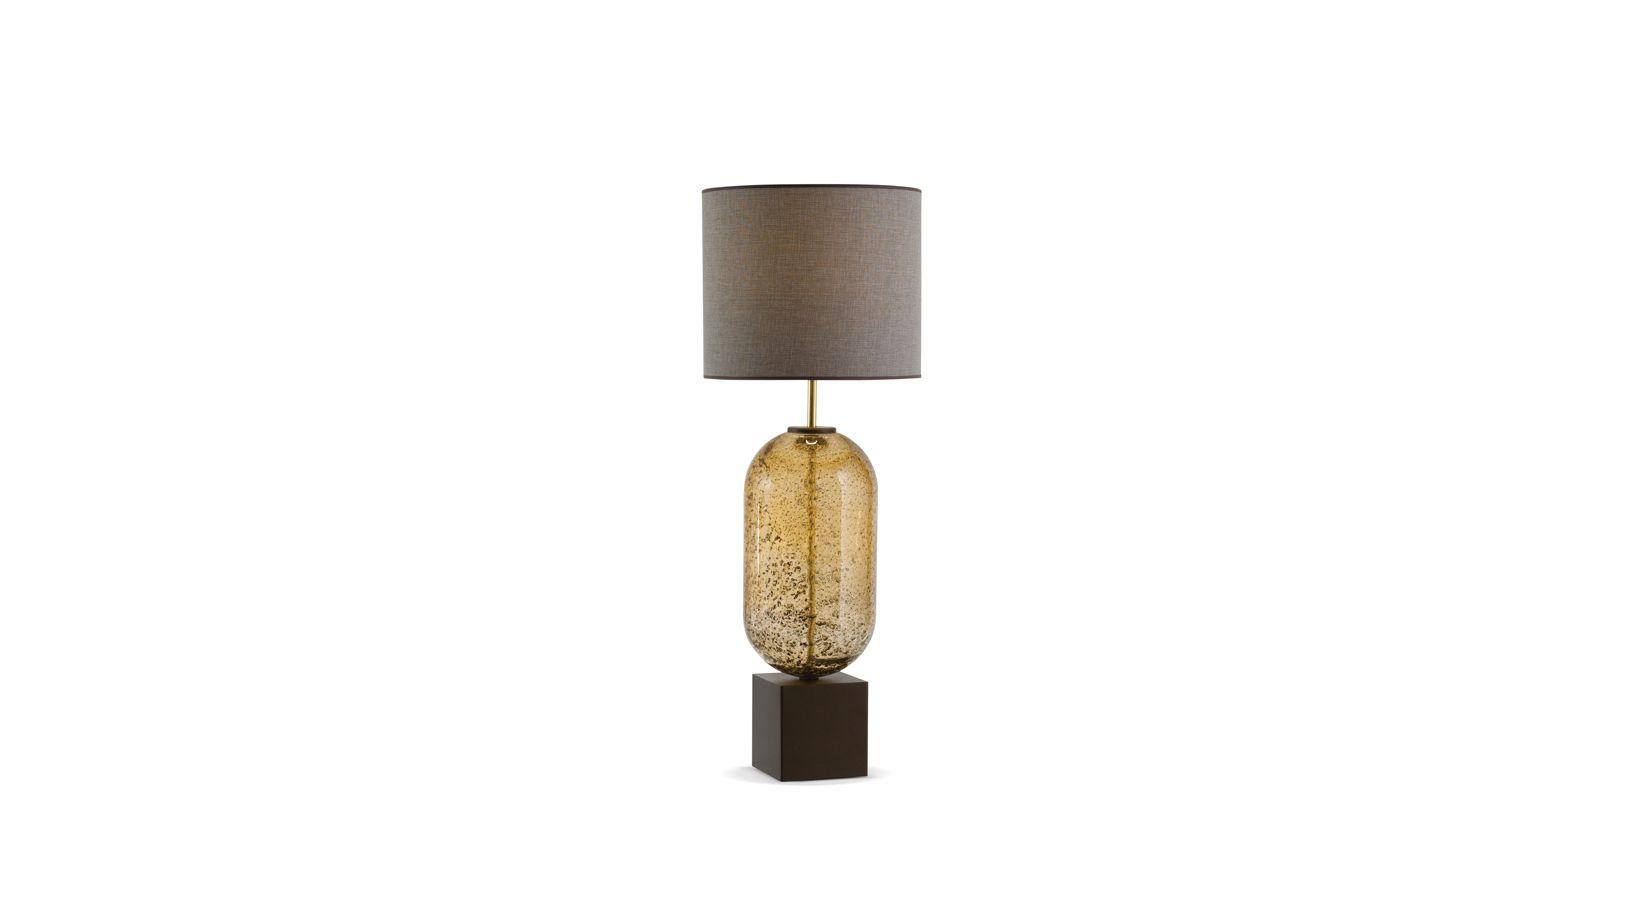 stanford lamp roche bobois. Black Bedroom Furniture Sets. Home Design Ideas